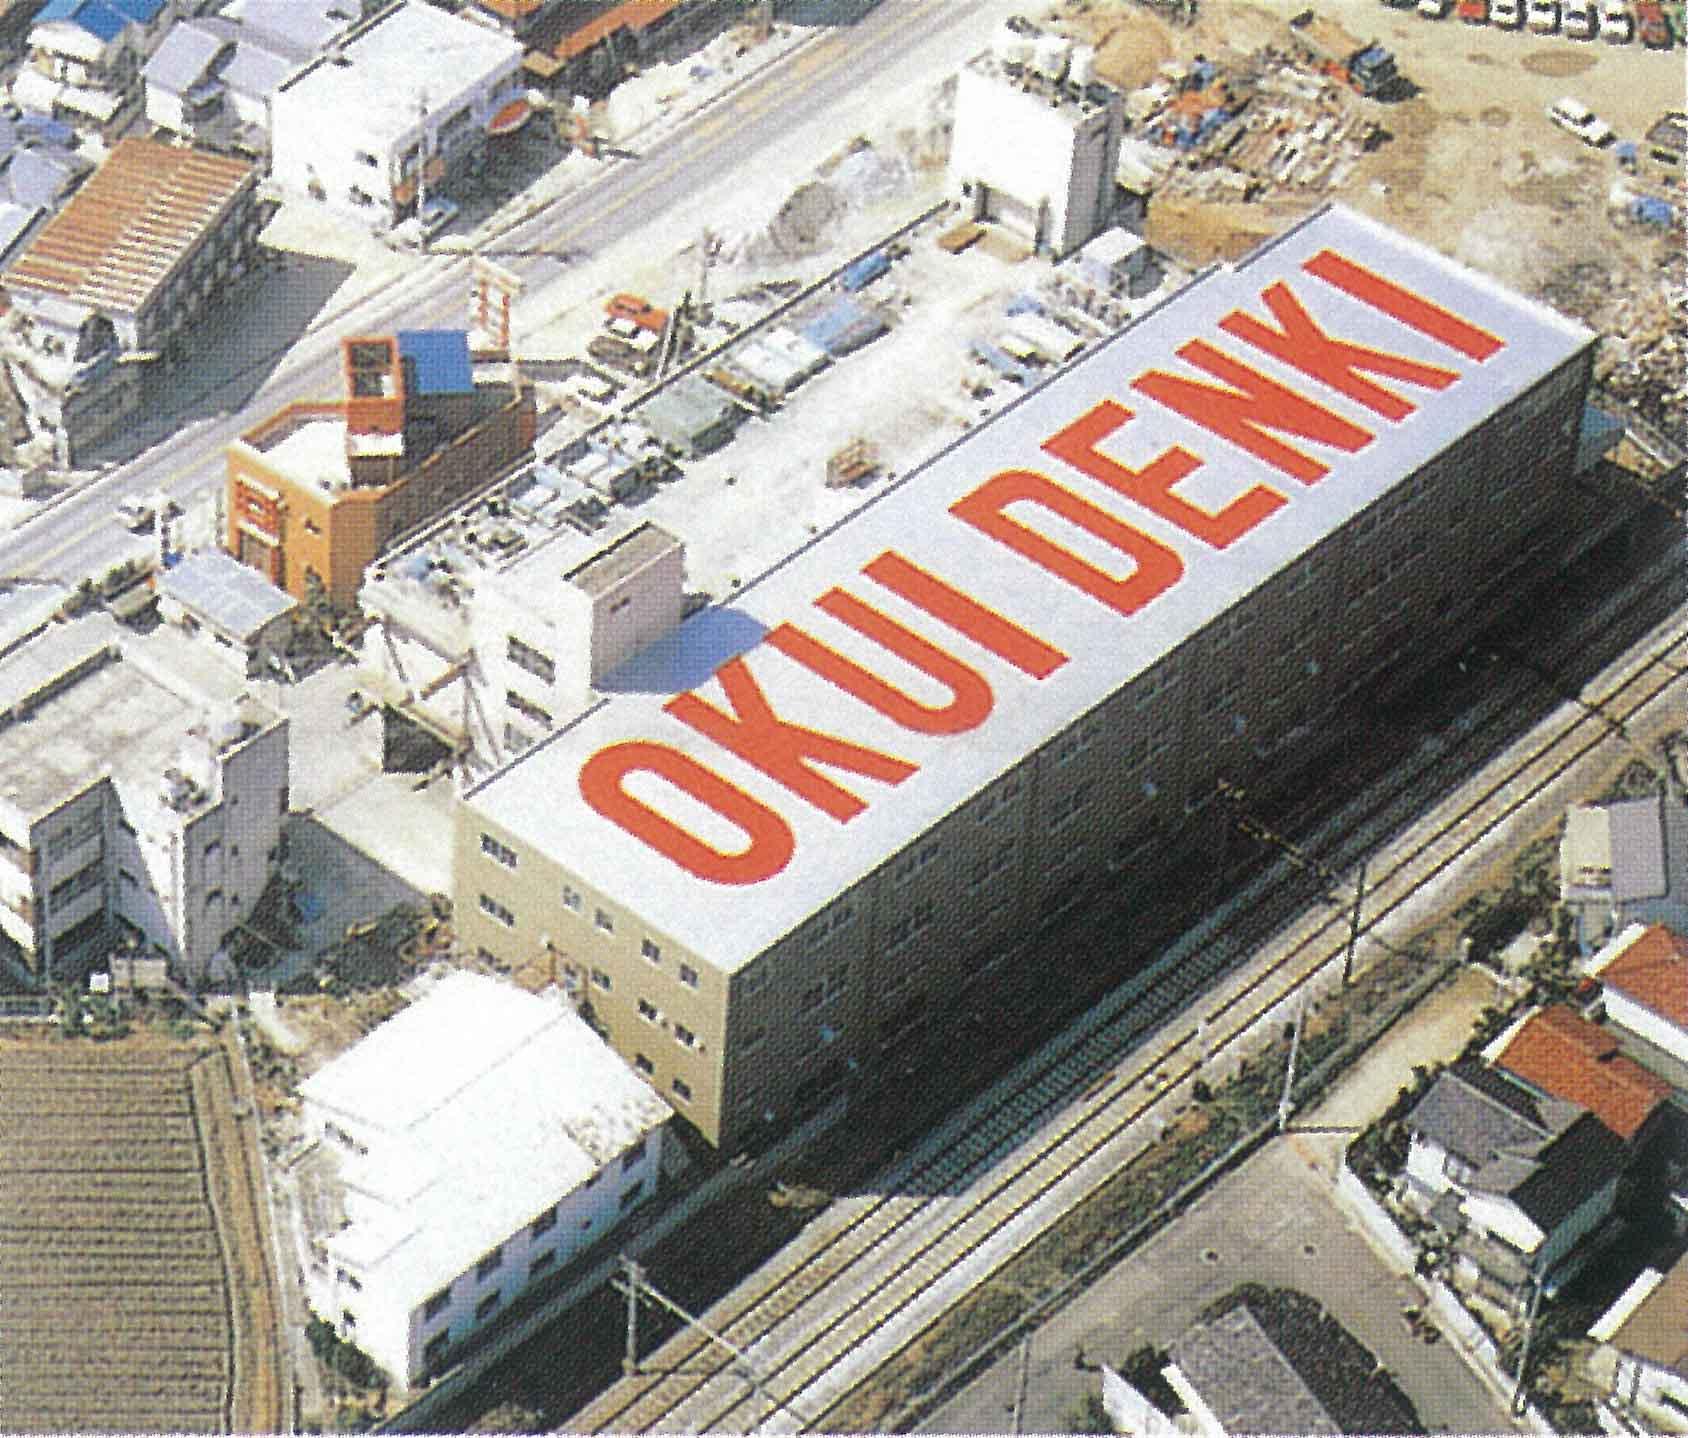 奥井電機 株式会社